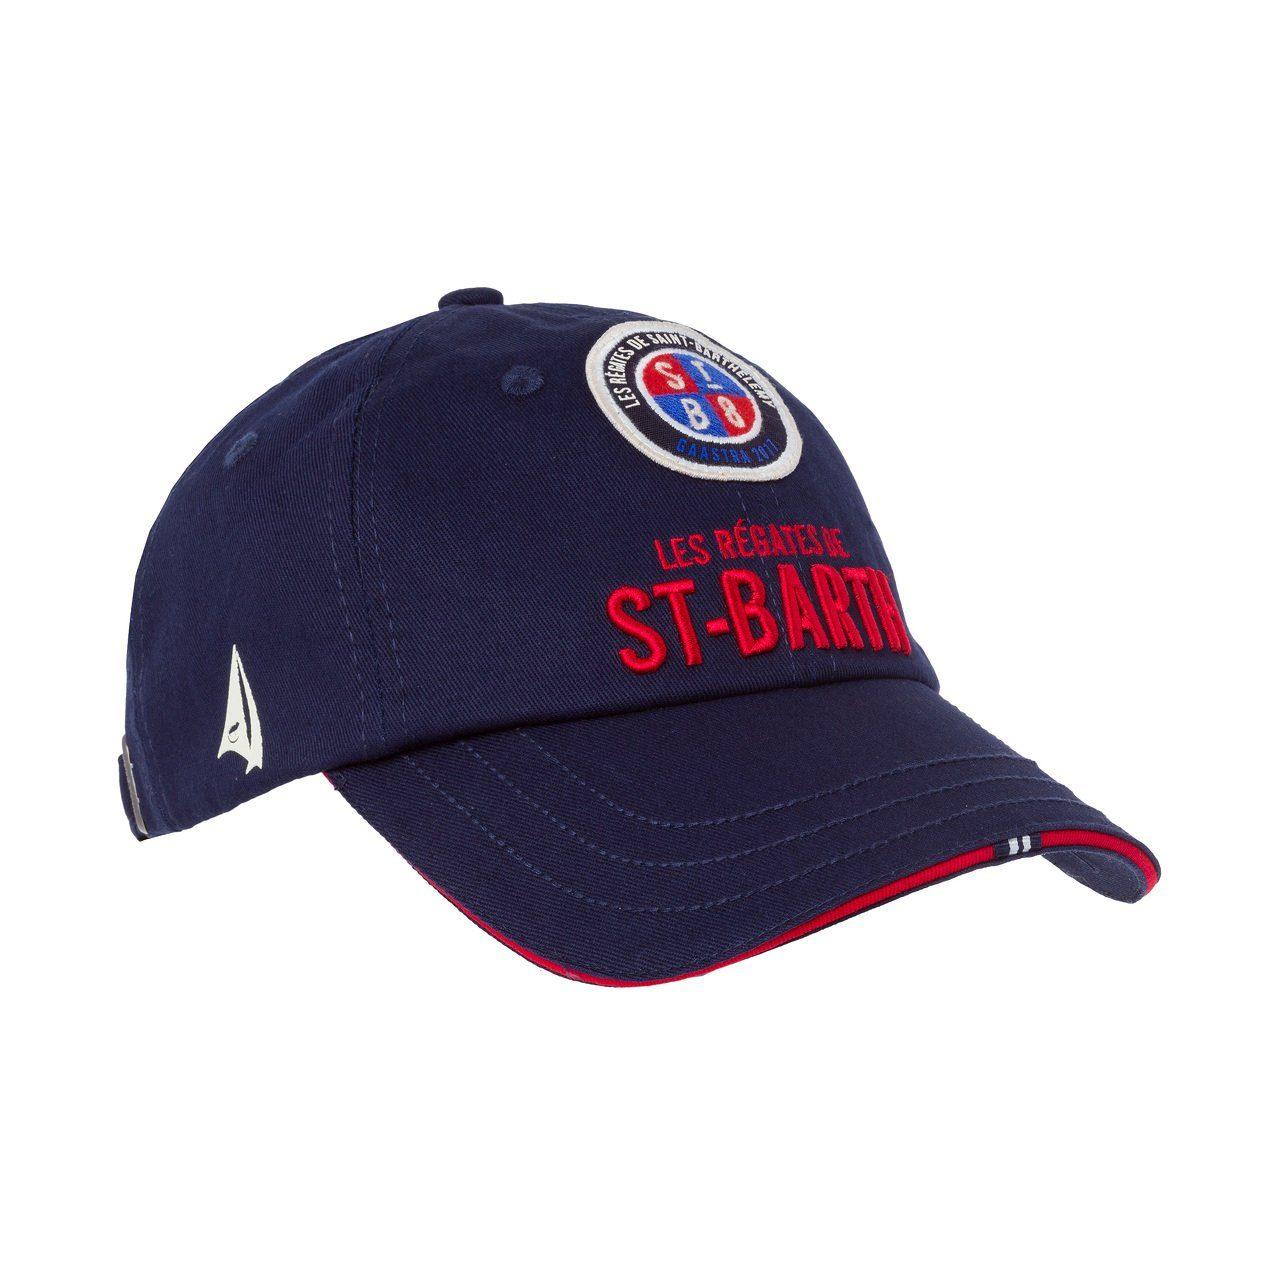 Gaastra Baseball Cap